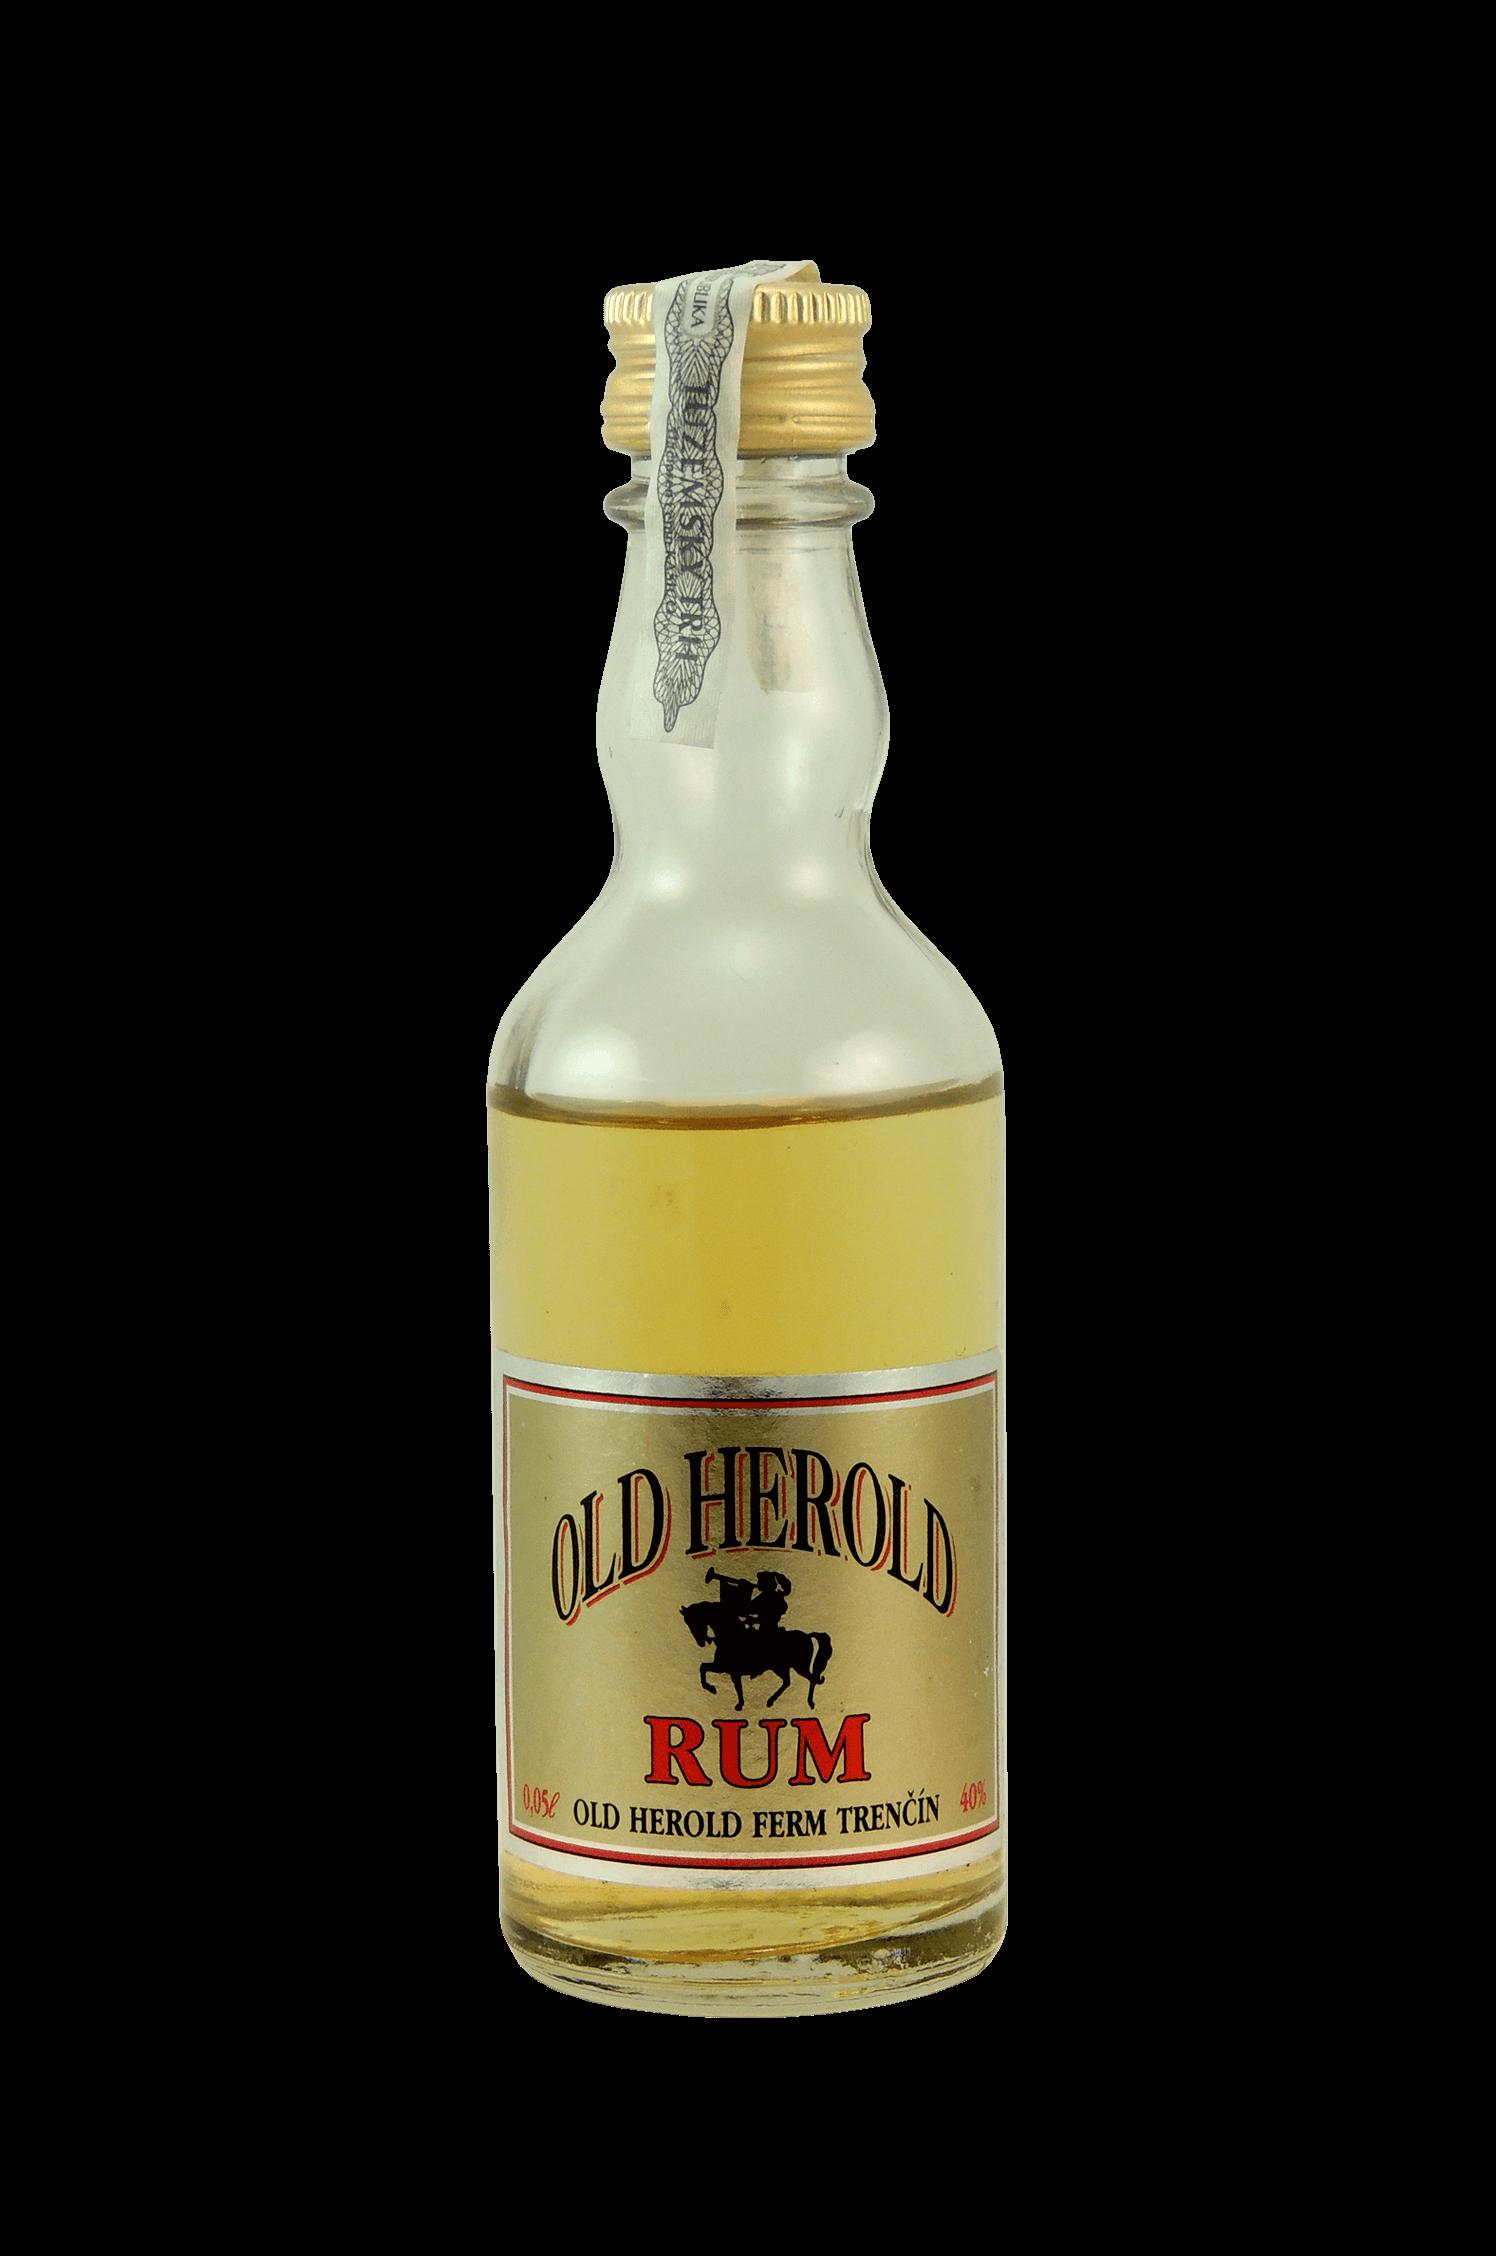 Old Herold Rum